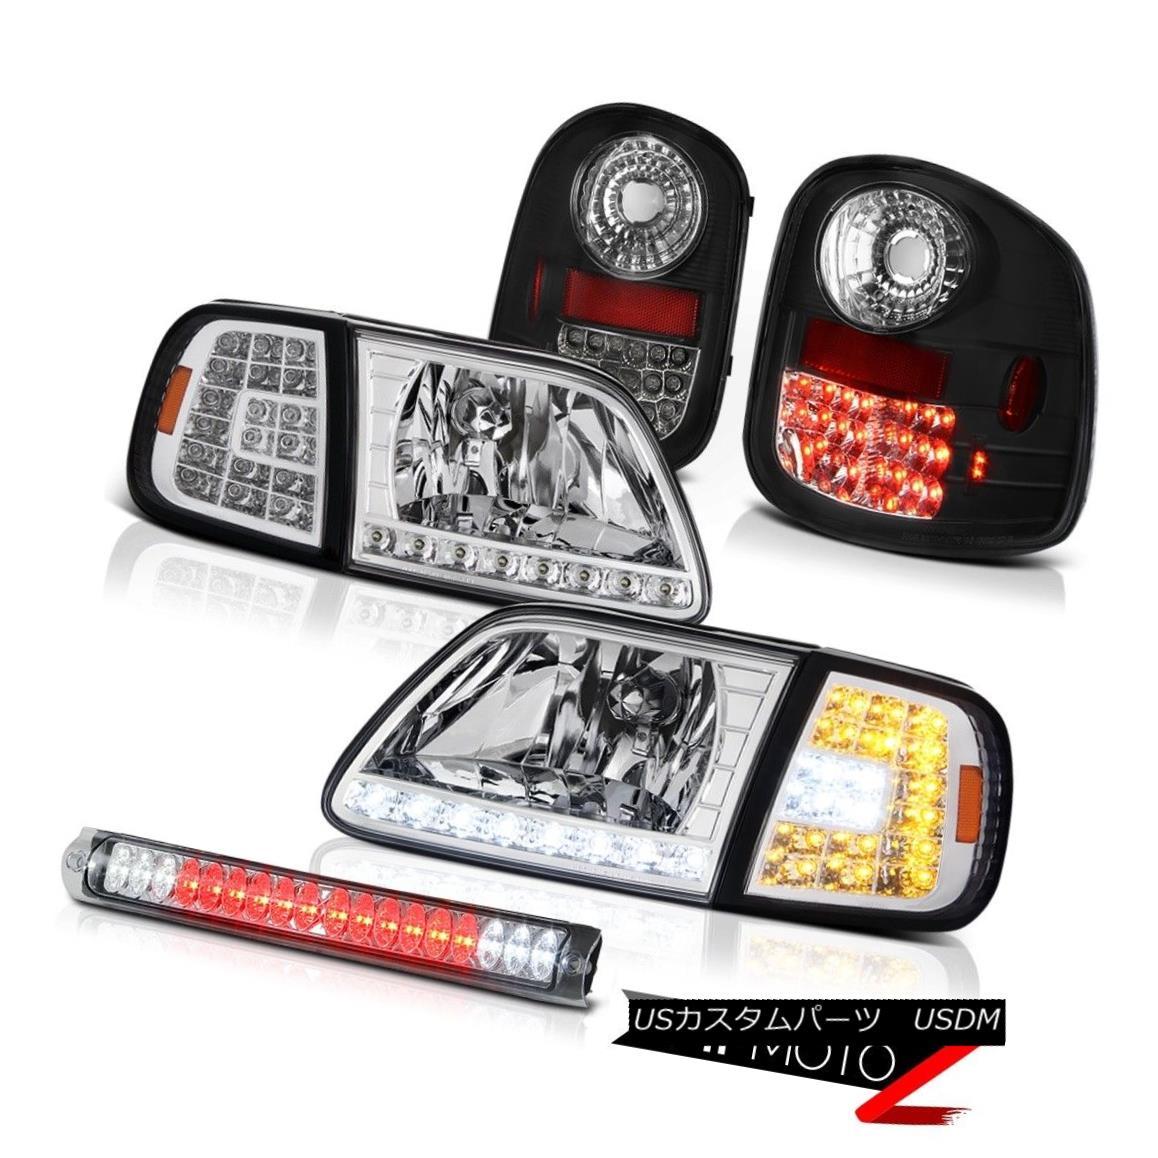 テールライト SMD Headlights Taillamps High Brake LED 1997-2003 F150 Flareside Harley Davidson SMDヘッドライトタイルランプハイブレーキLED 1997-2003 F150 Flaresideハーレーダビッドソン